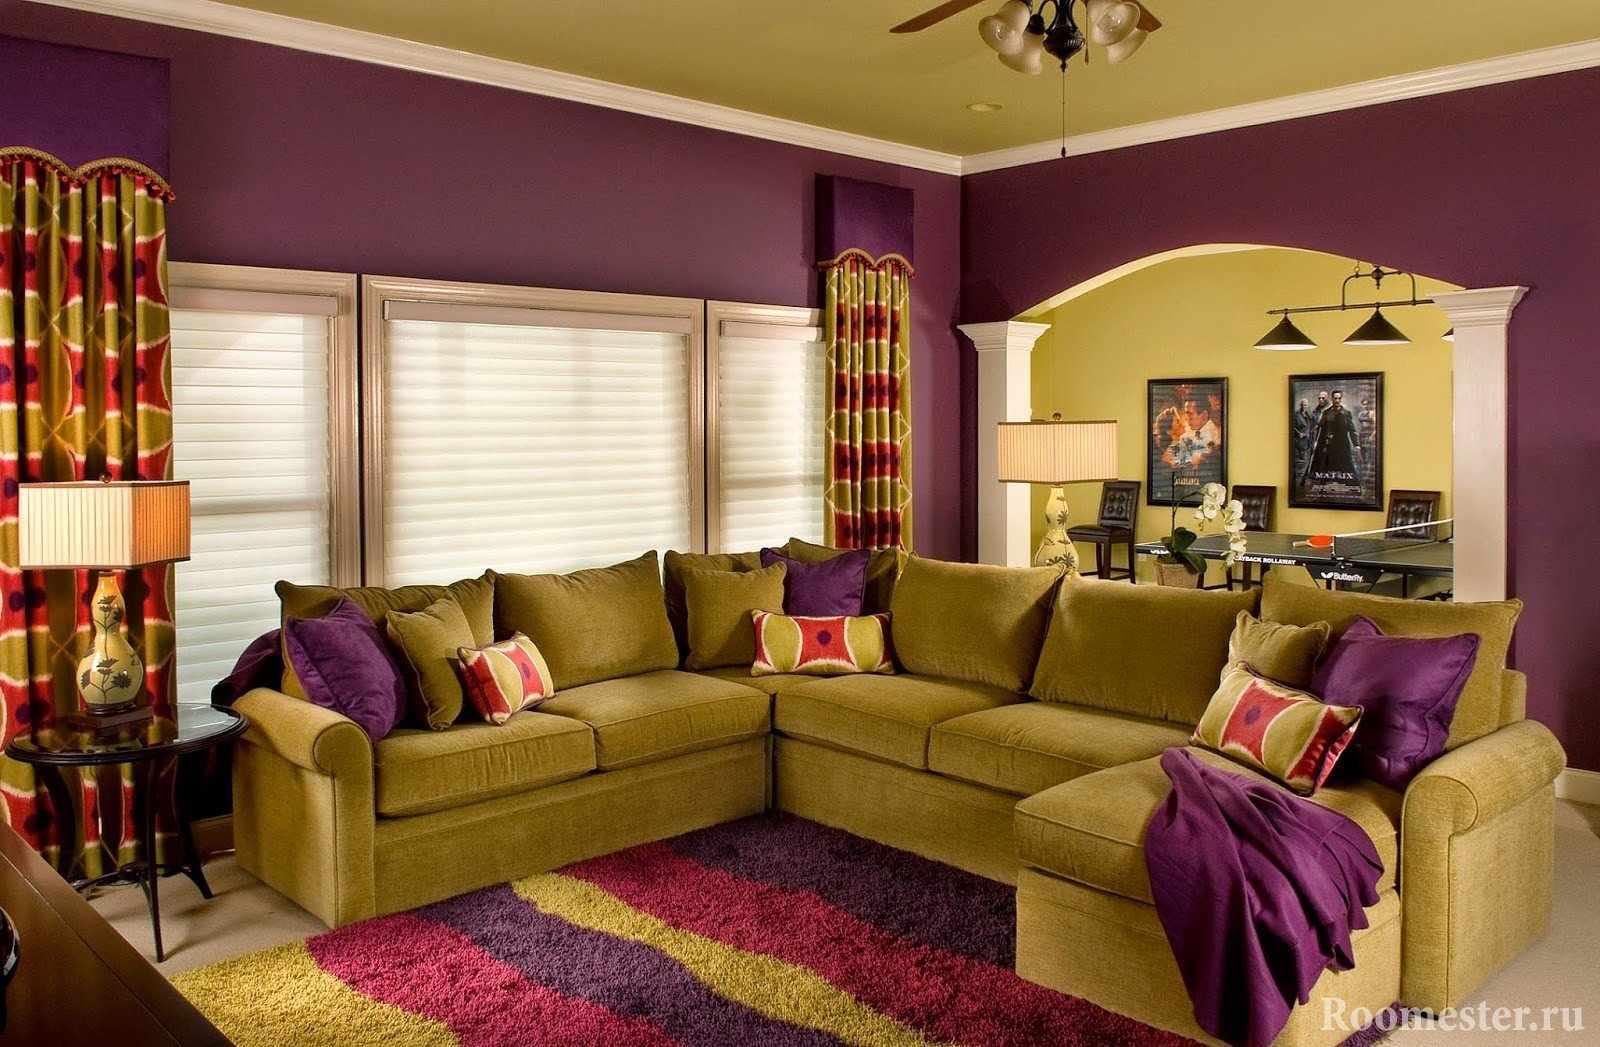 Фисташковый и фиолетовый цвета в интерьере